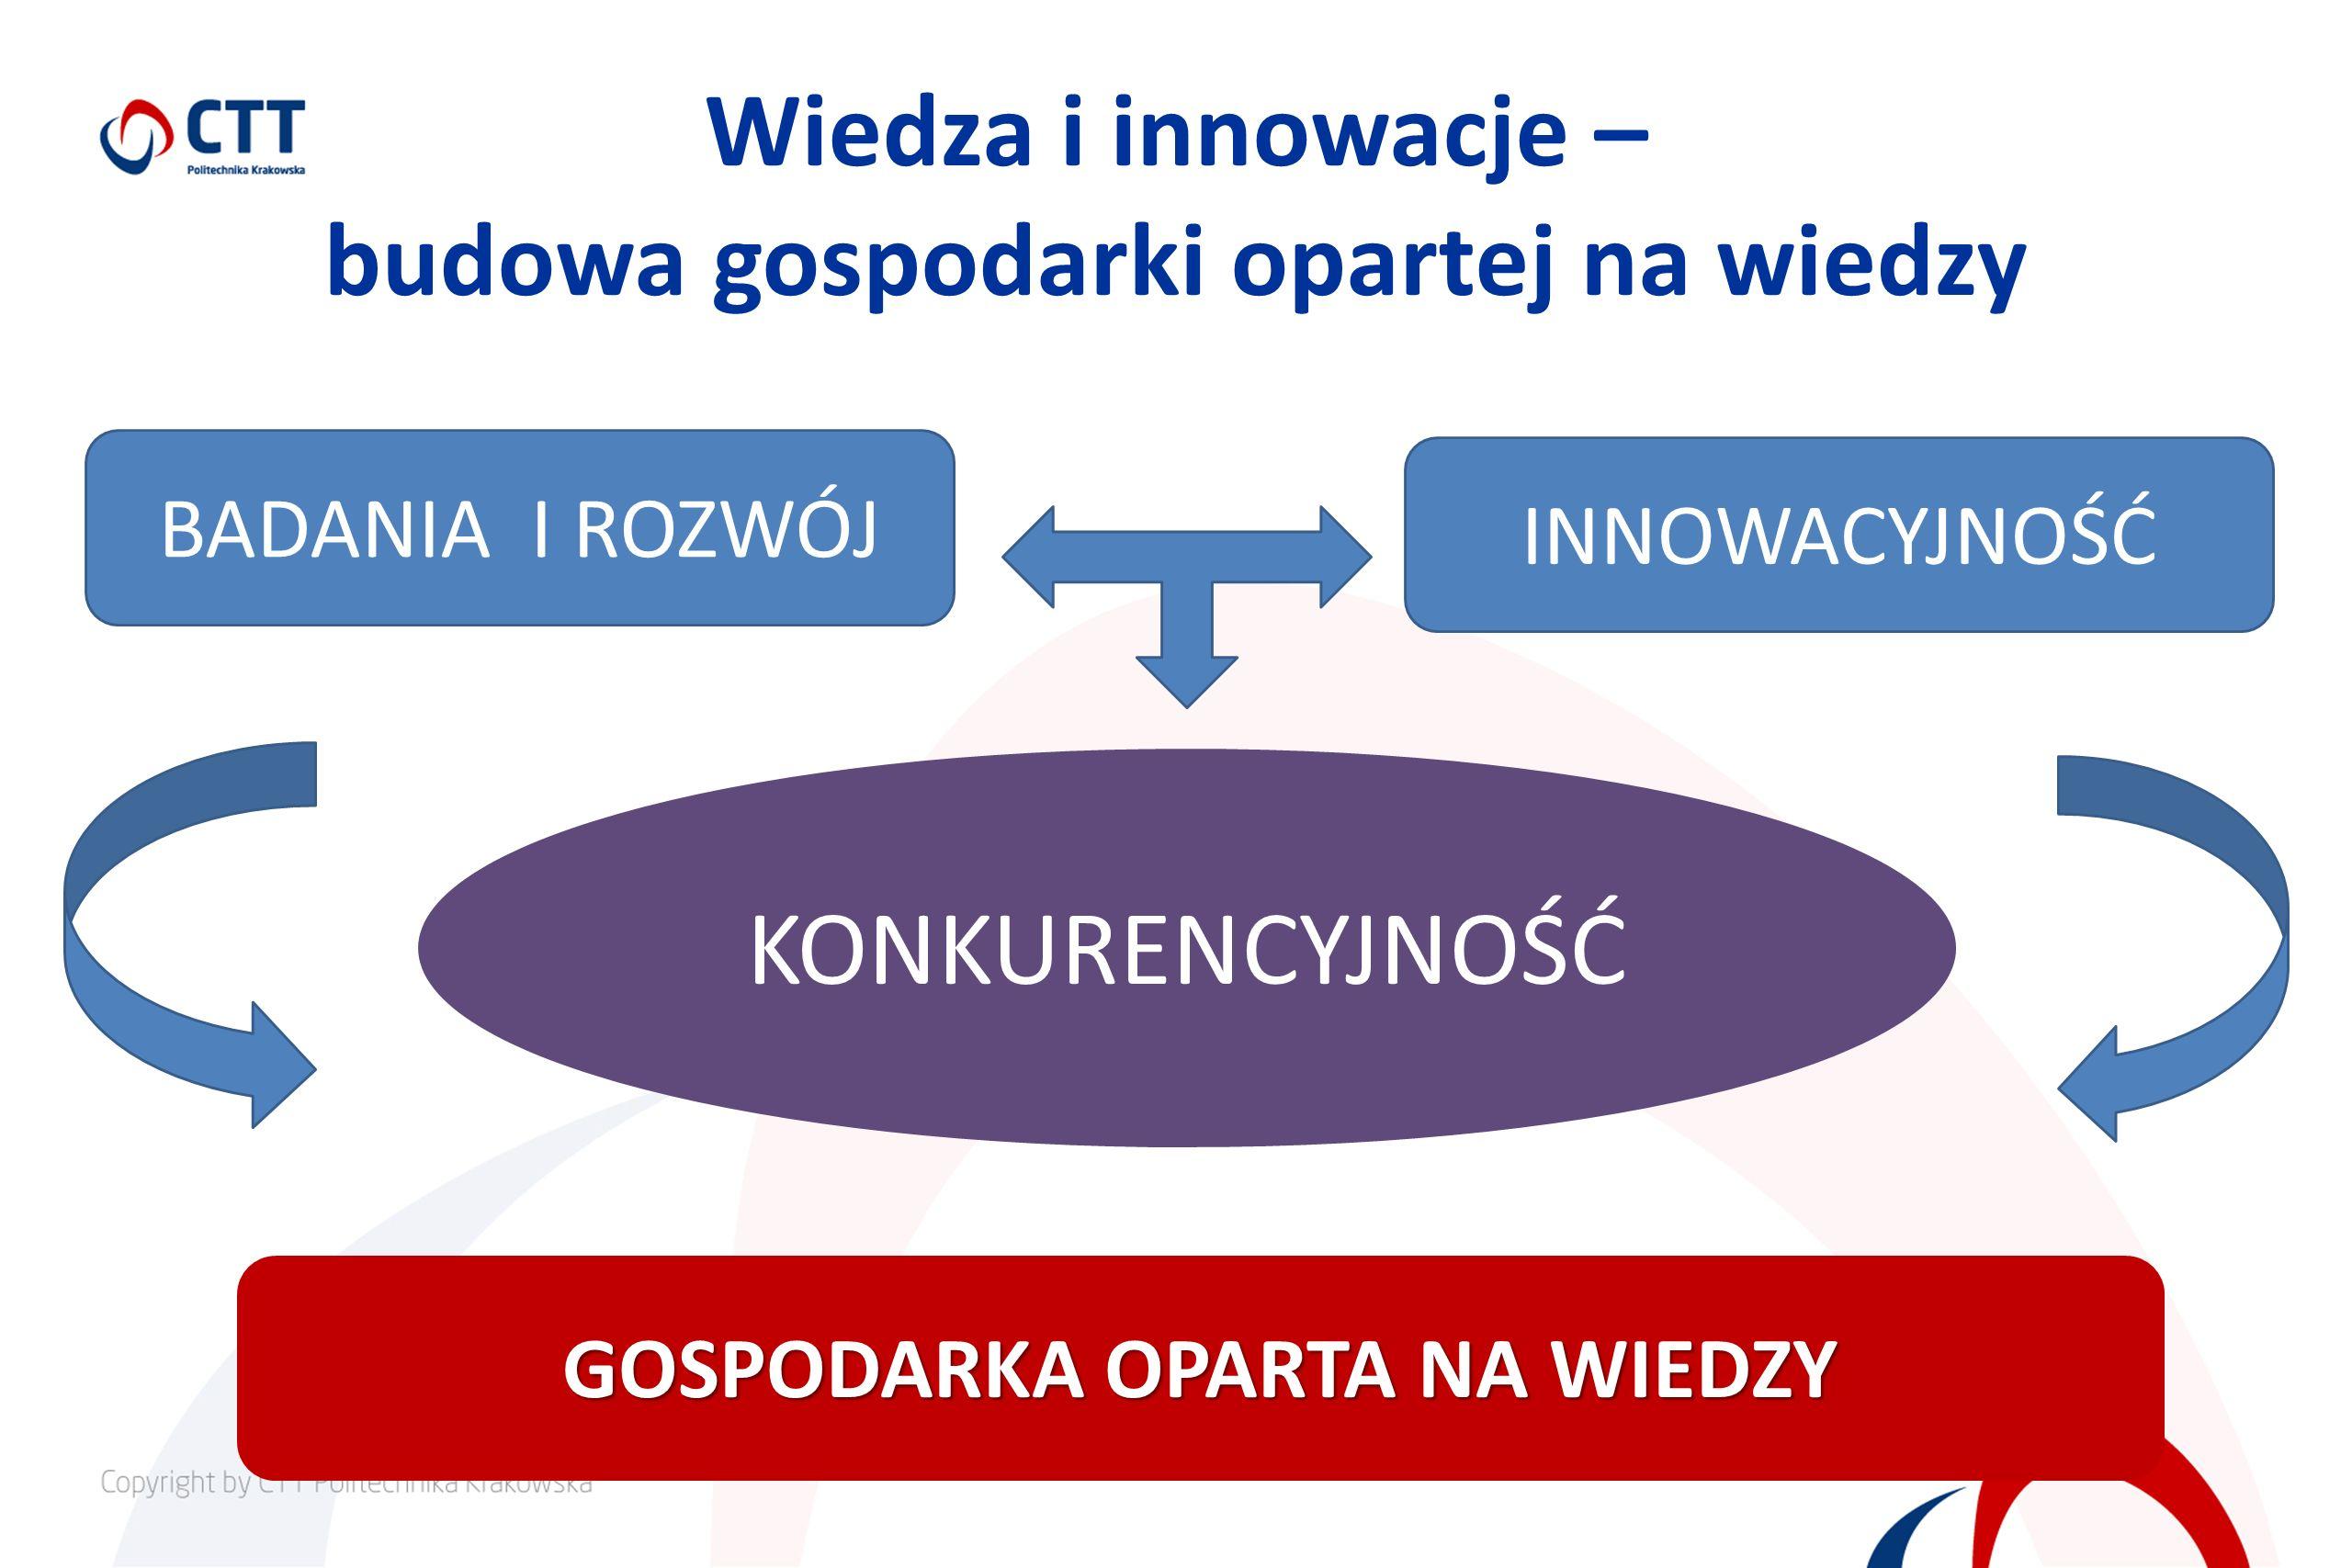 Wiedza i innowacje – budowa gospodarki opartej na wiedzy BADANIA I ROZWÓJ GOSPODARKA OPARTA NA WIEDZY INNOWACYJNOŚĆ KONKURENCYJNOŚĆ